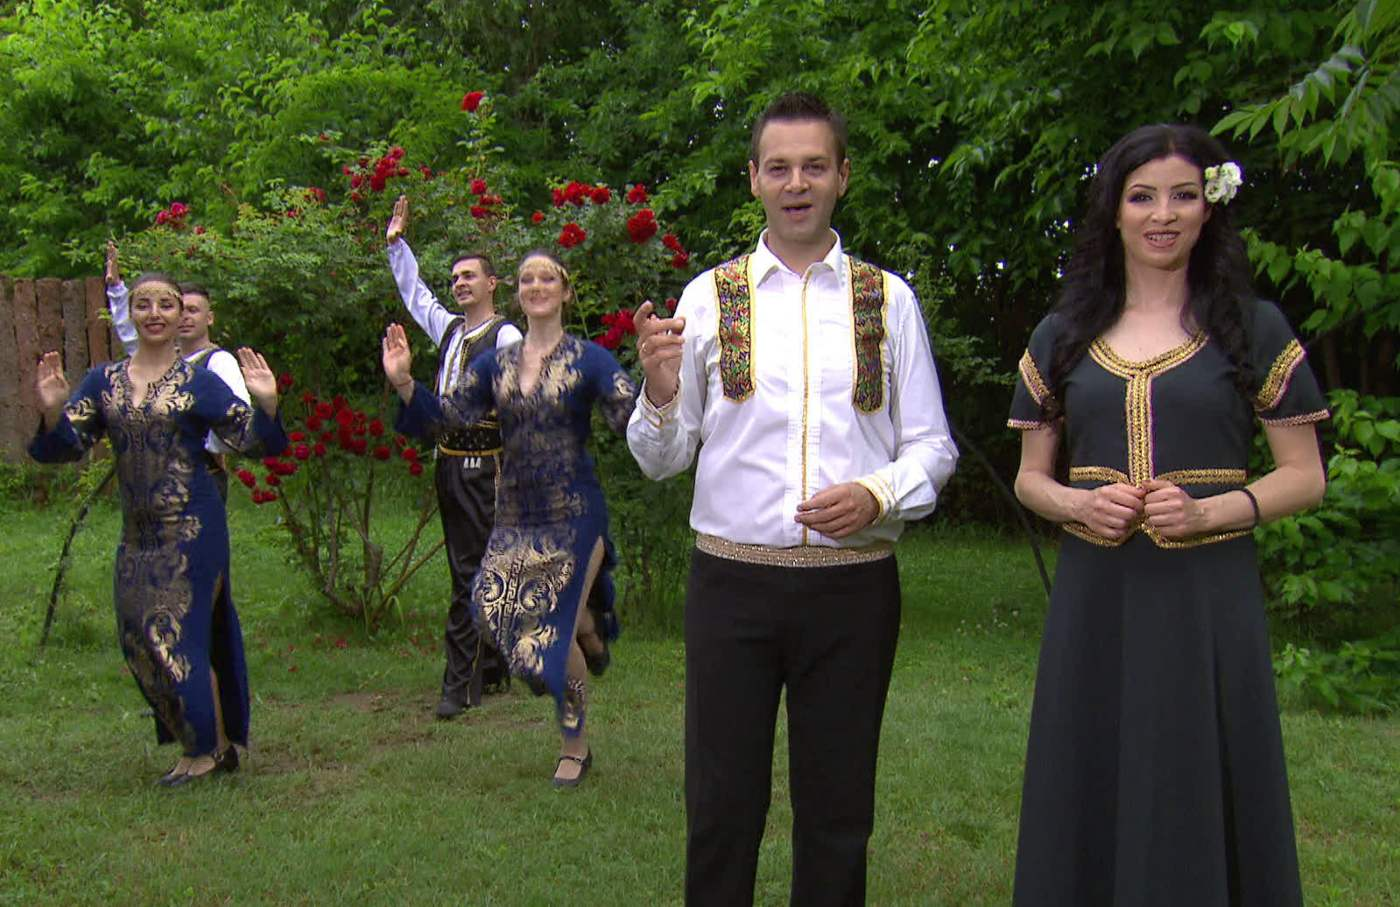 Ангелина Милева и Здравко Мандаджиев се събраха в дует